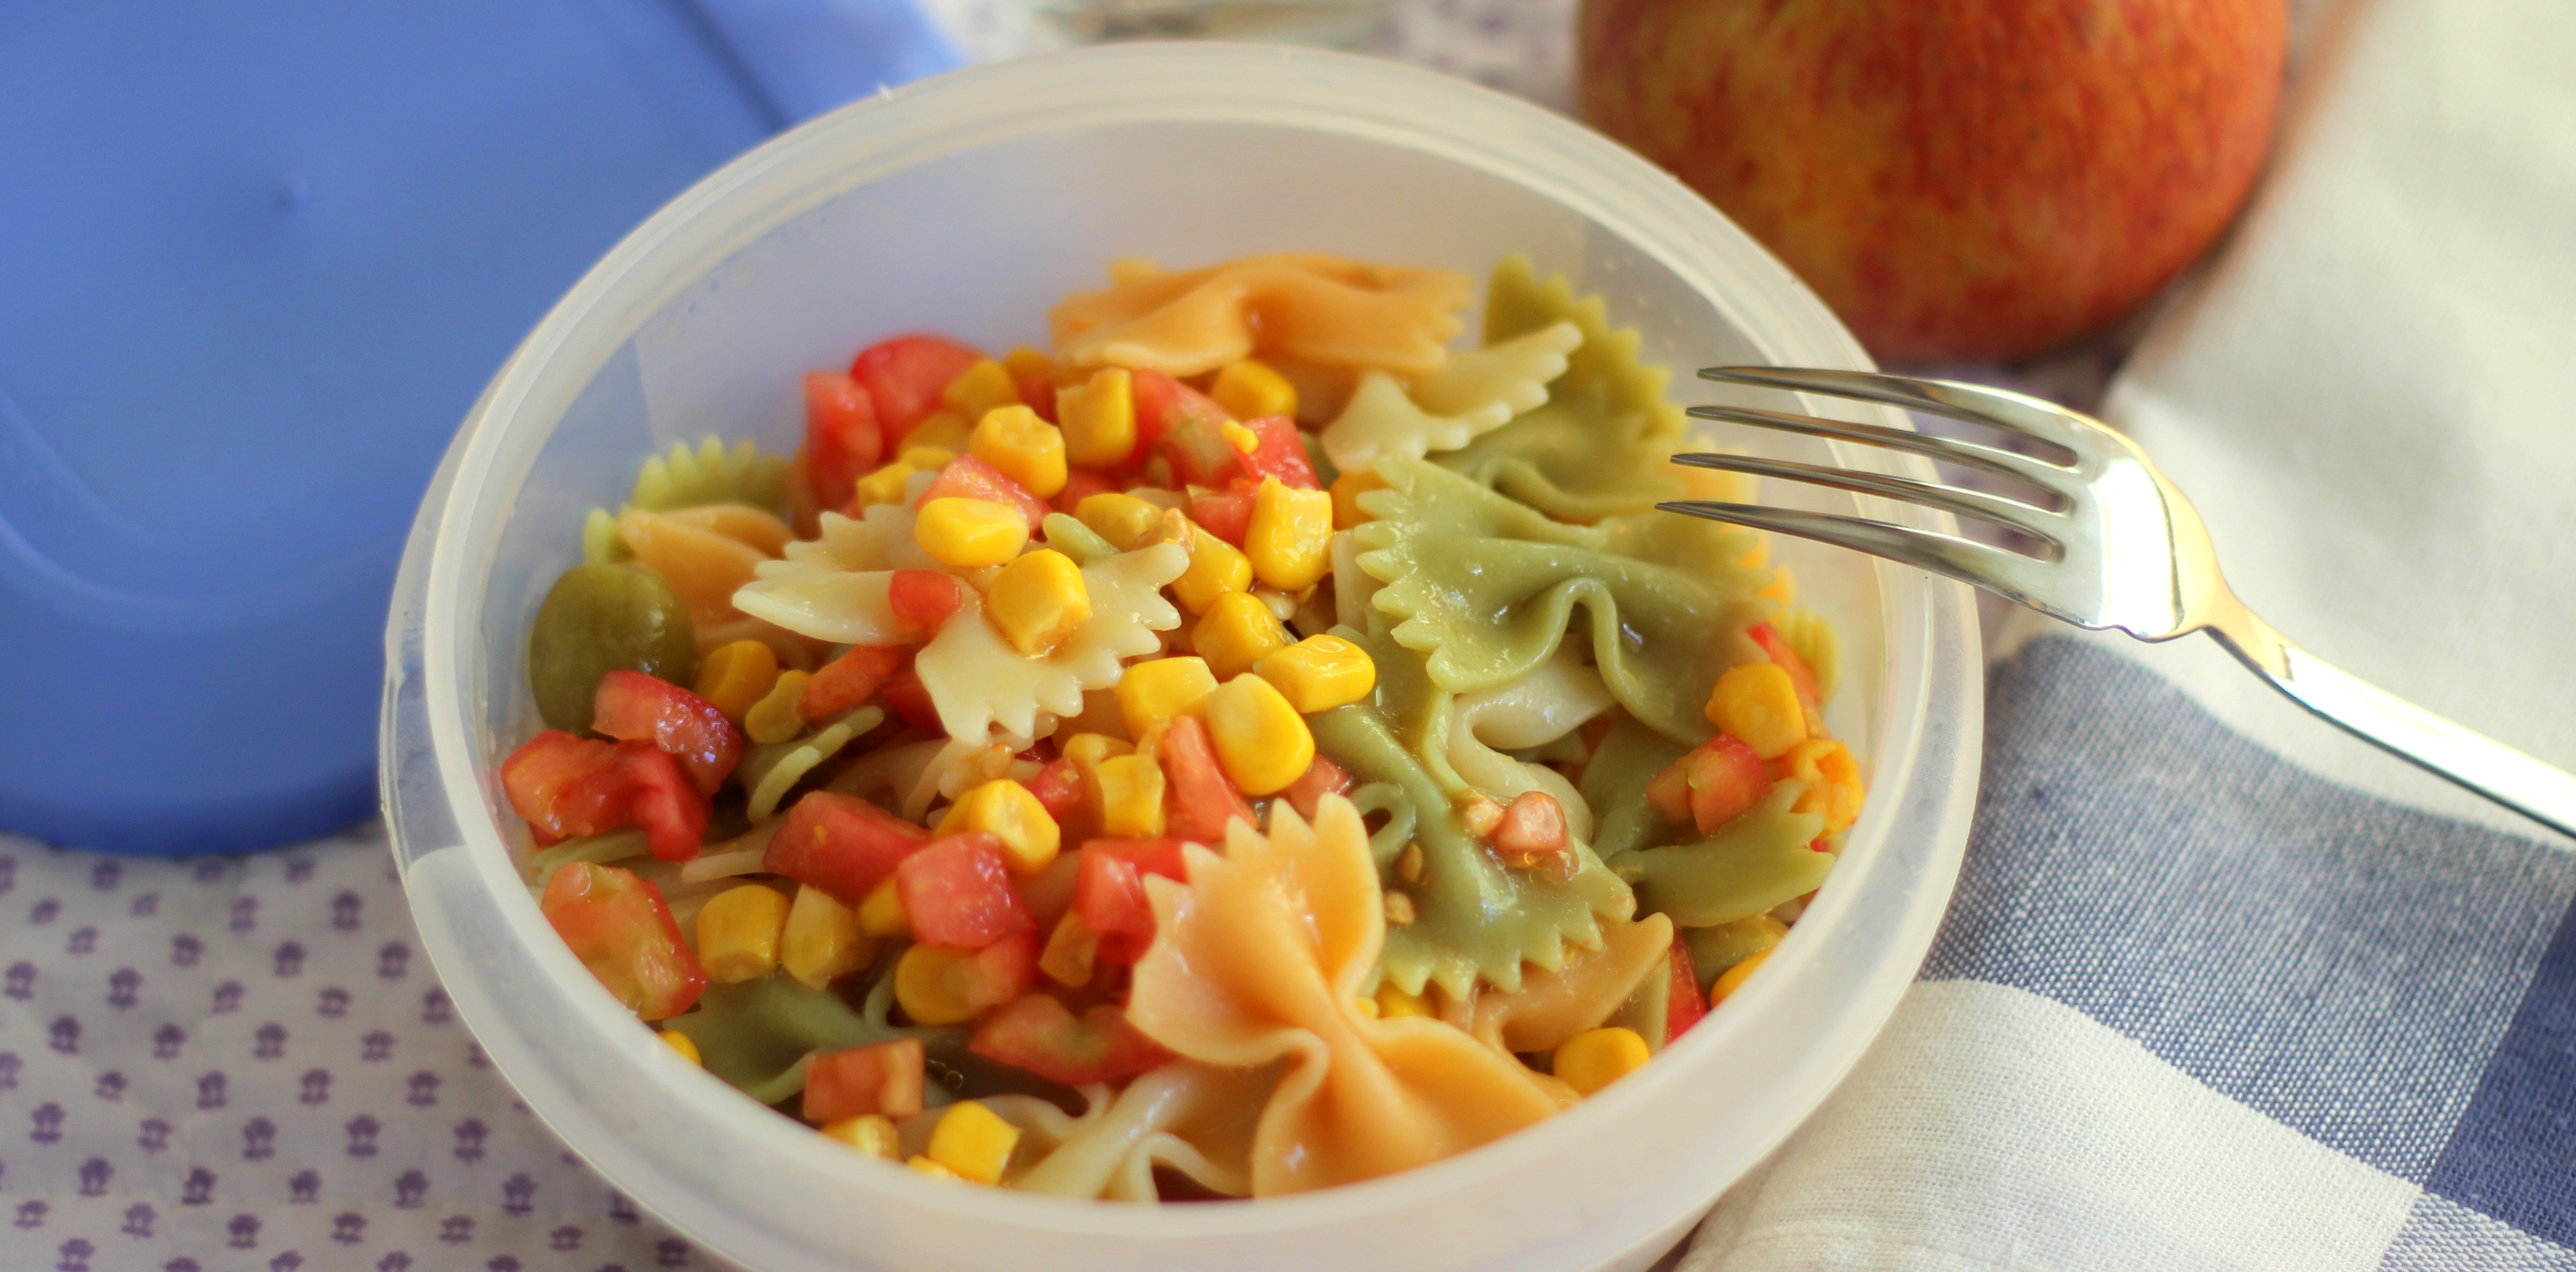 Estudio comprueba que calentar comida en táper provoca obesidad